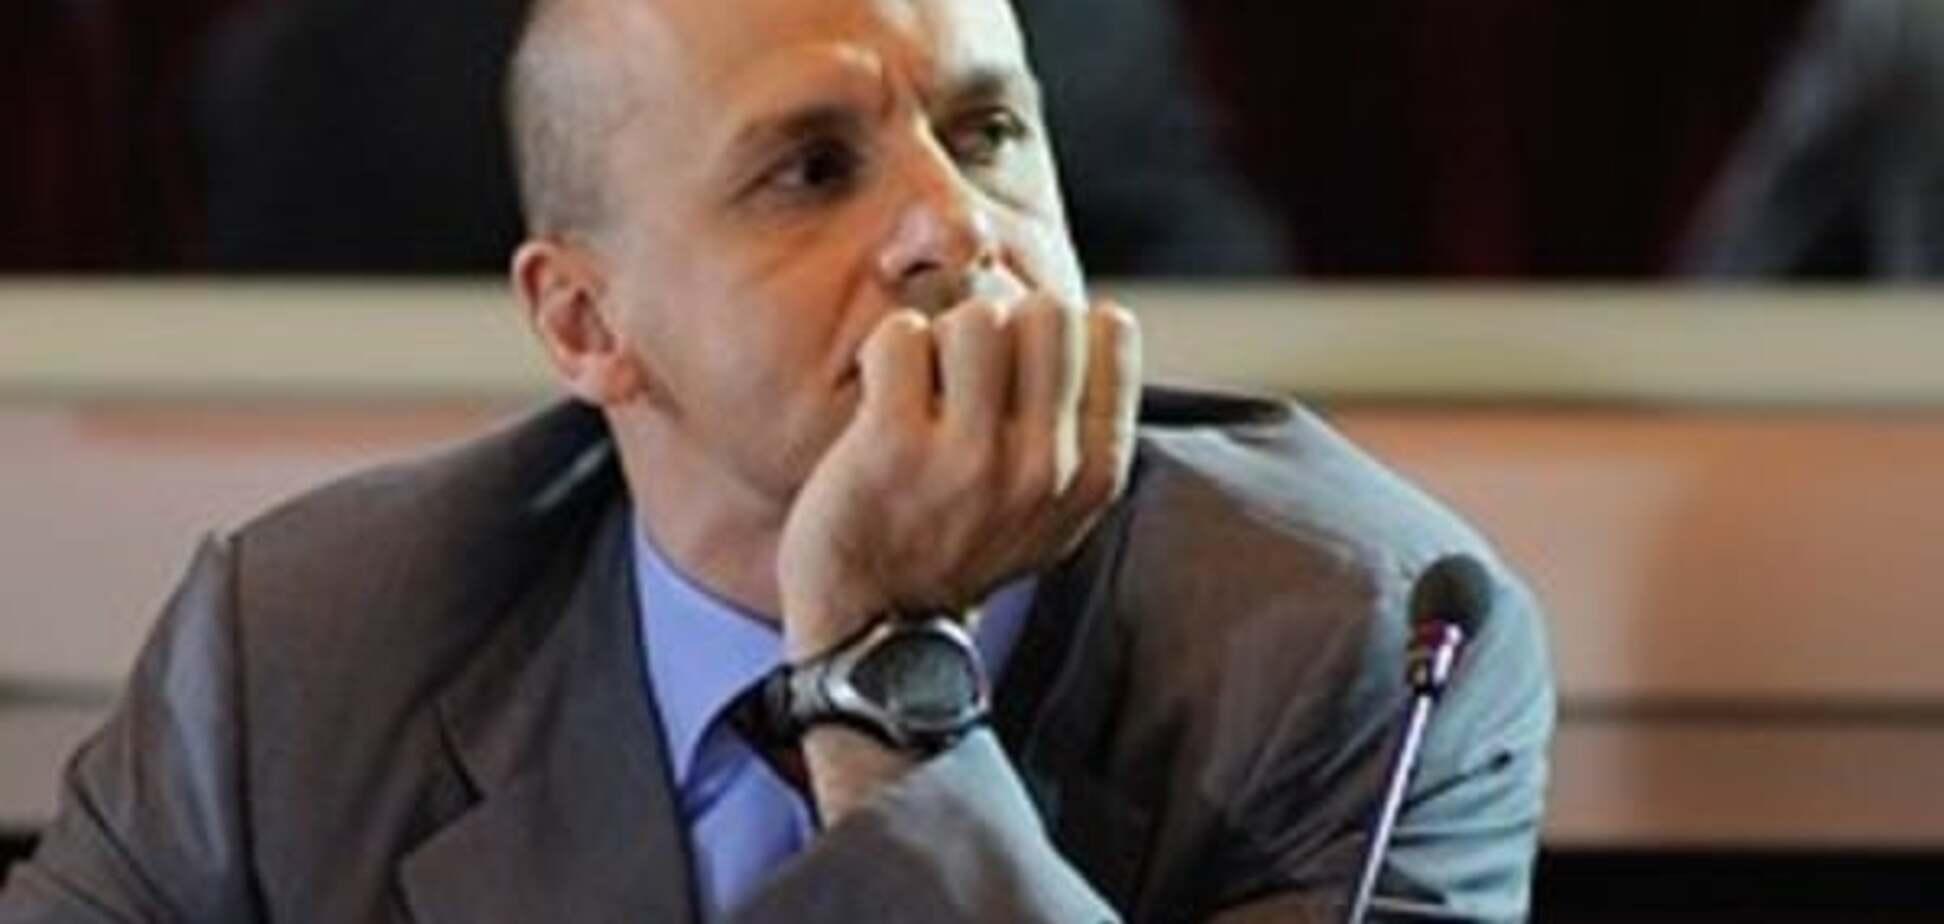 НАБУ расследует миллионные хищения Григоришиным